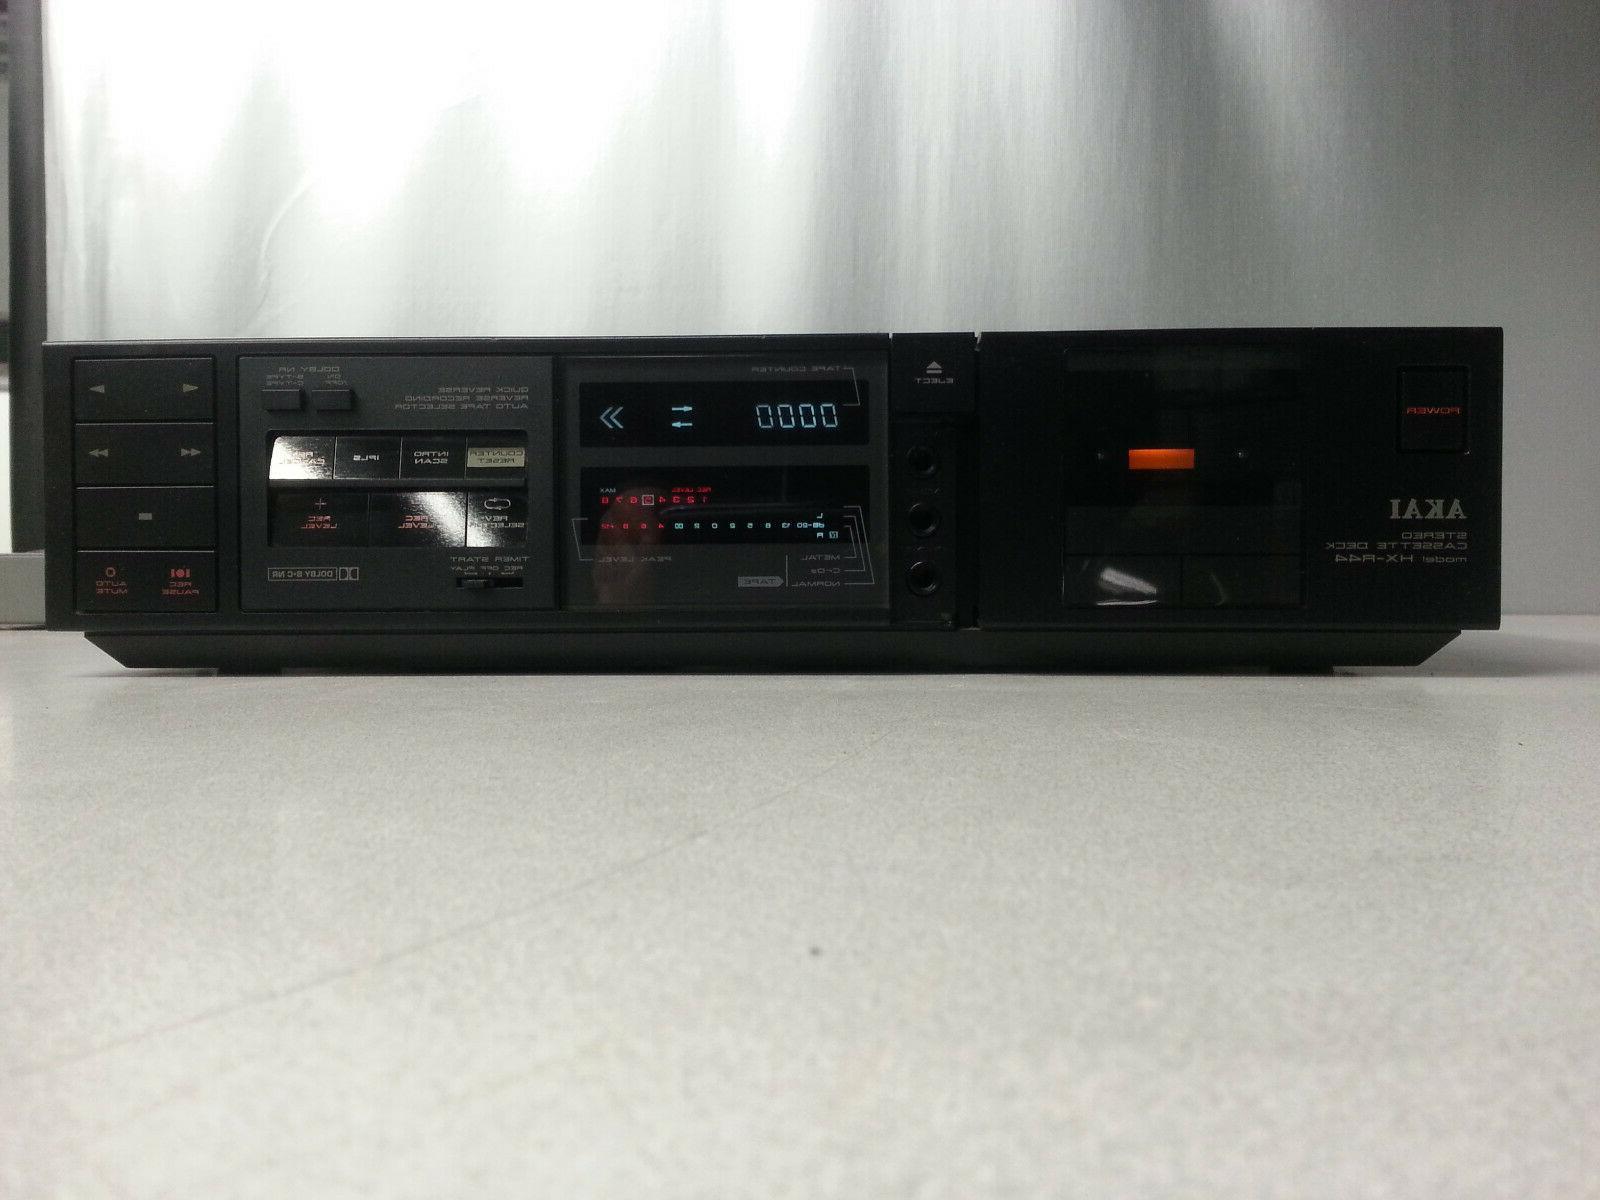 hx r44 stereo cassette deck